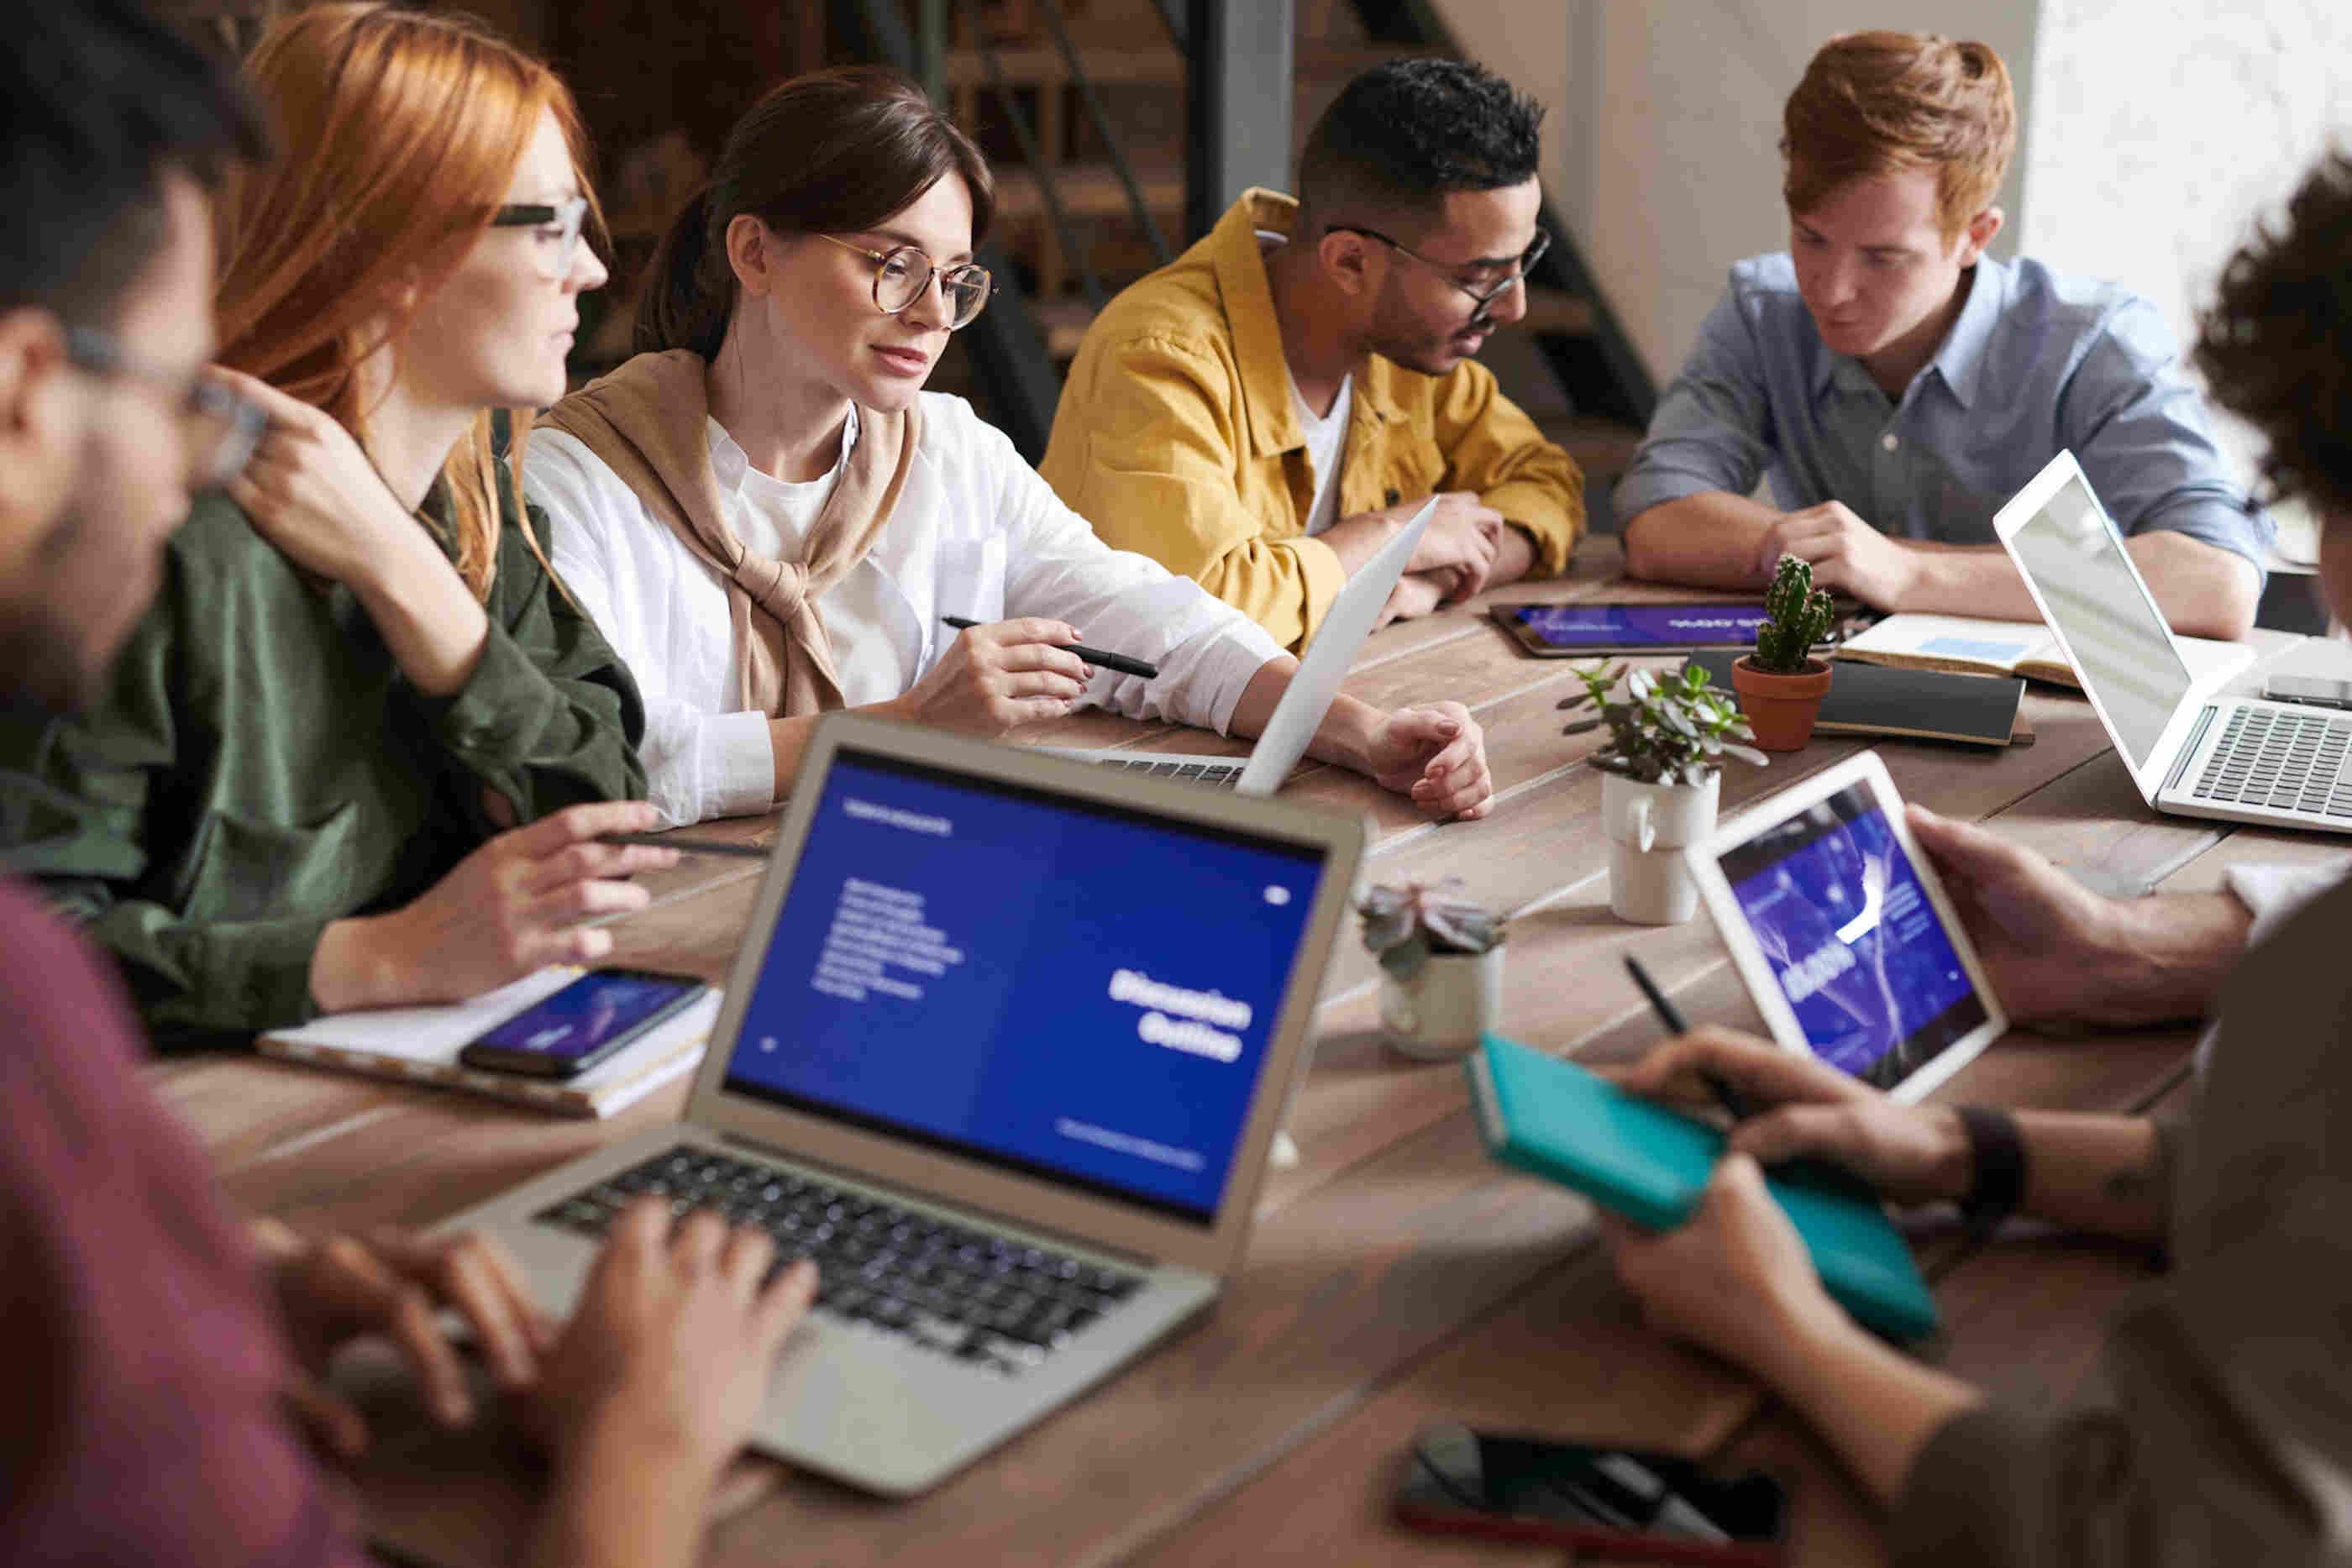 Sete estudantes a trabalhar nos seus computadores e a discutir ideias em conjunto.